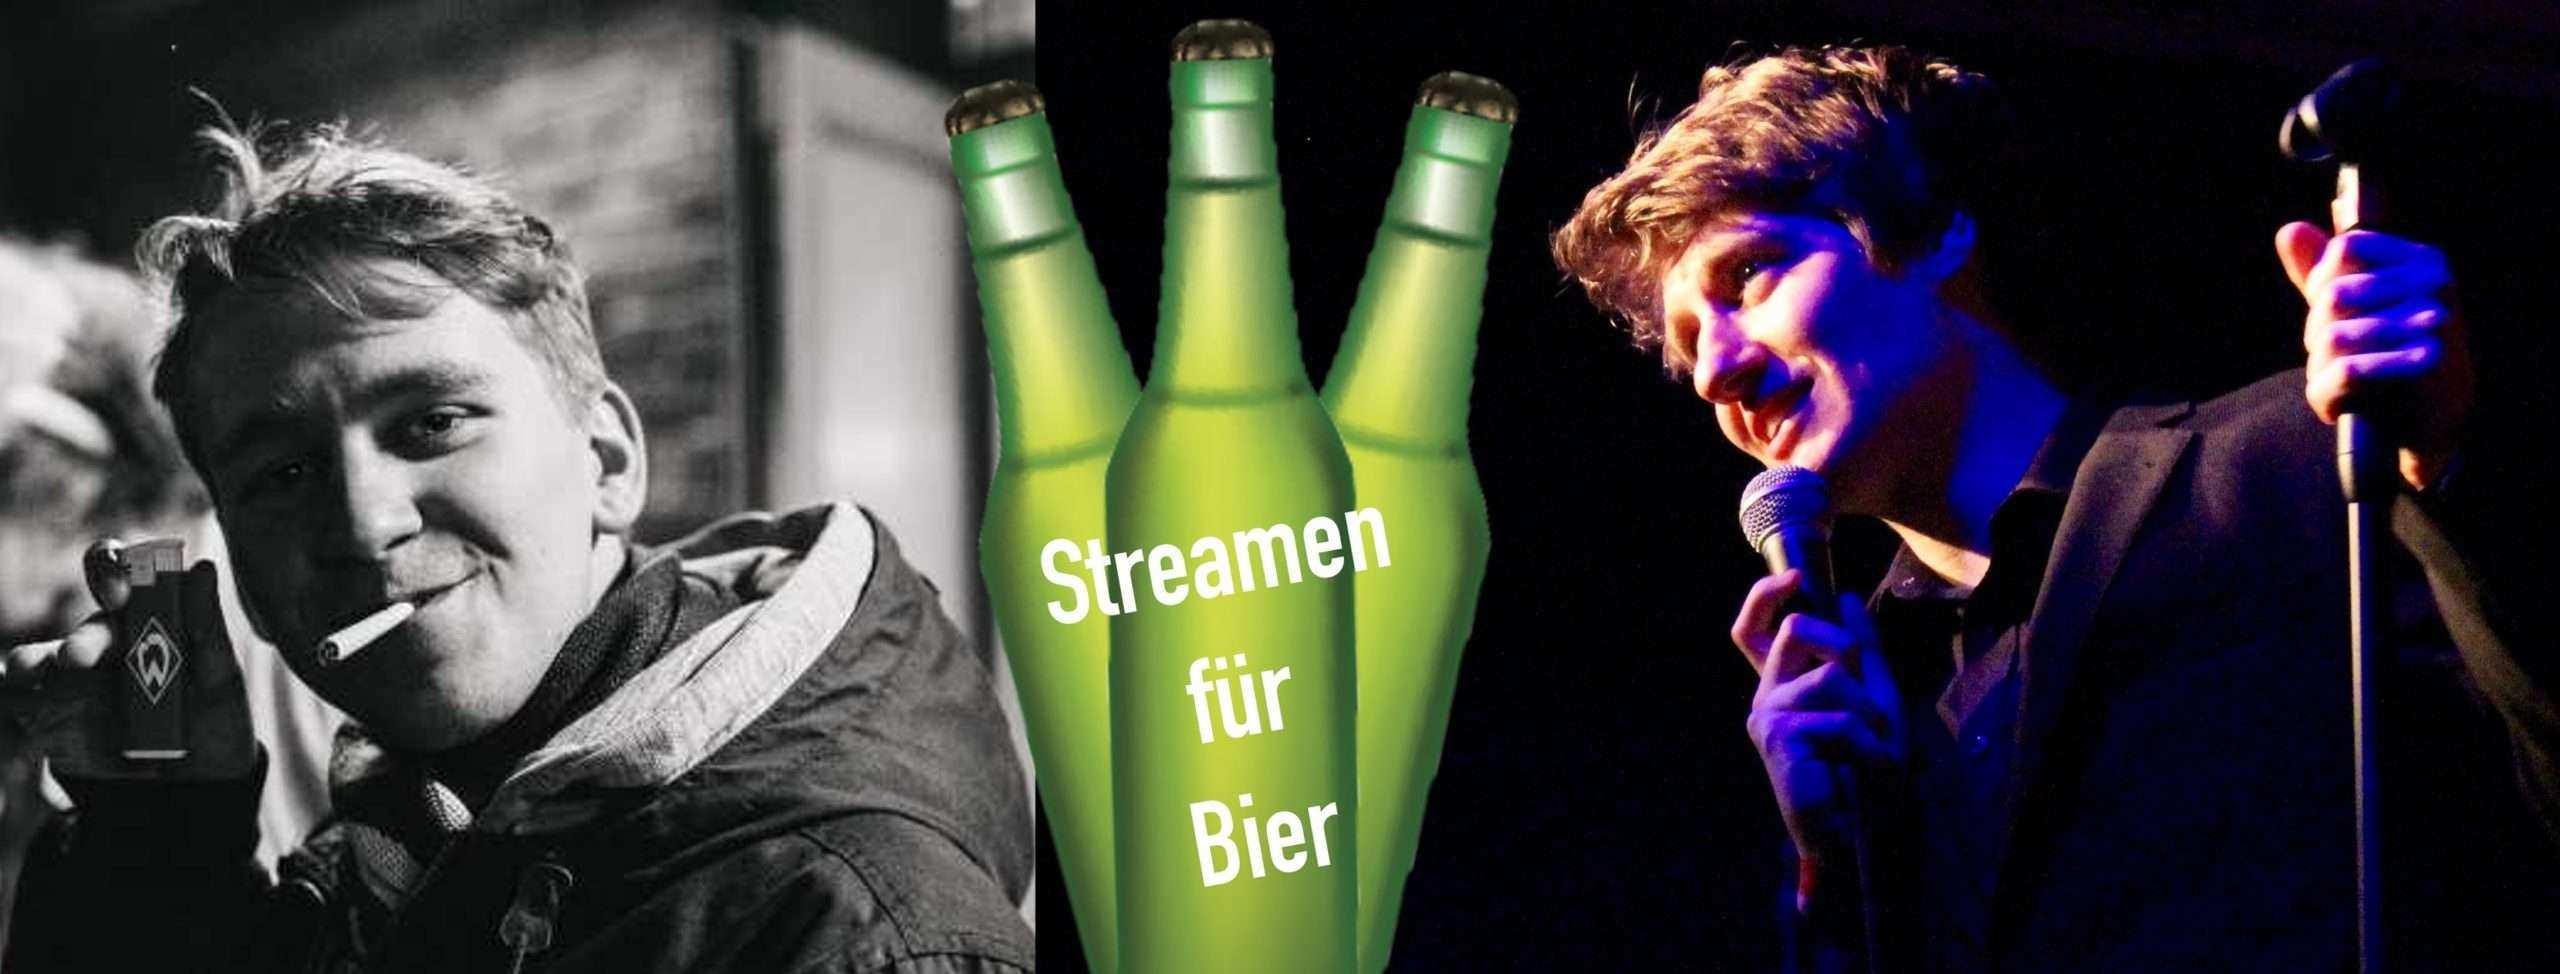 Streamen für Bier